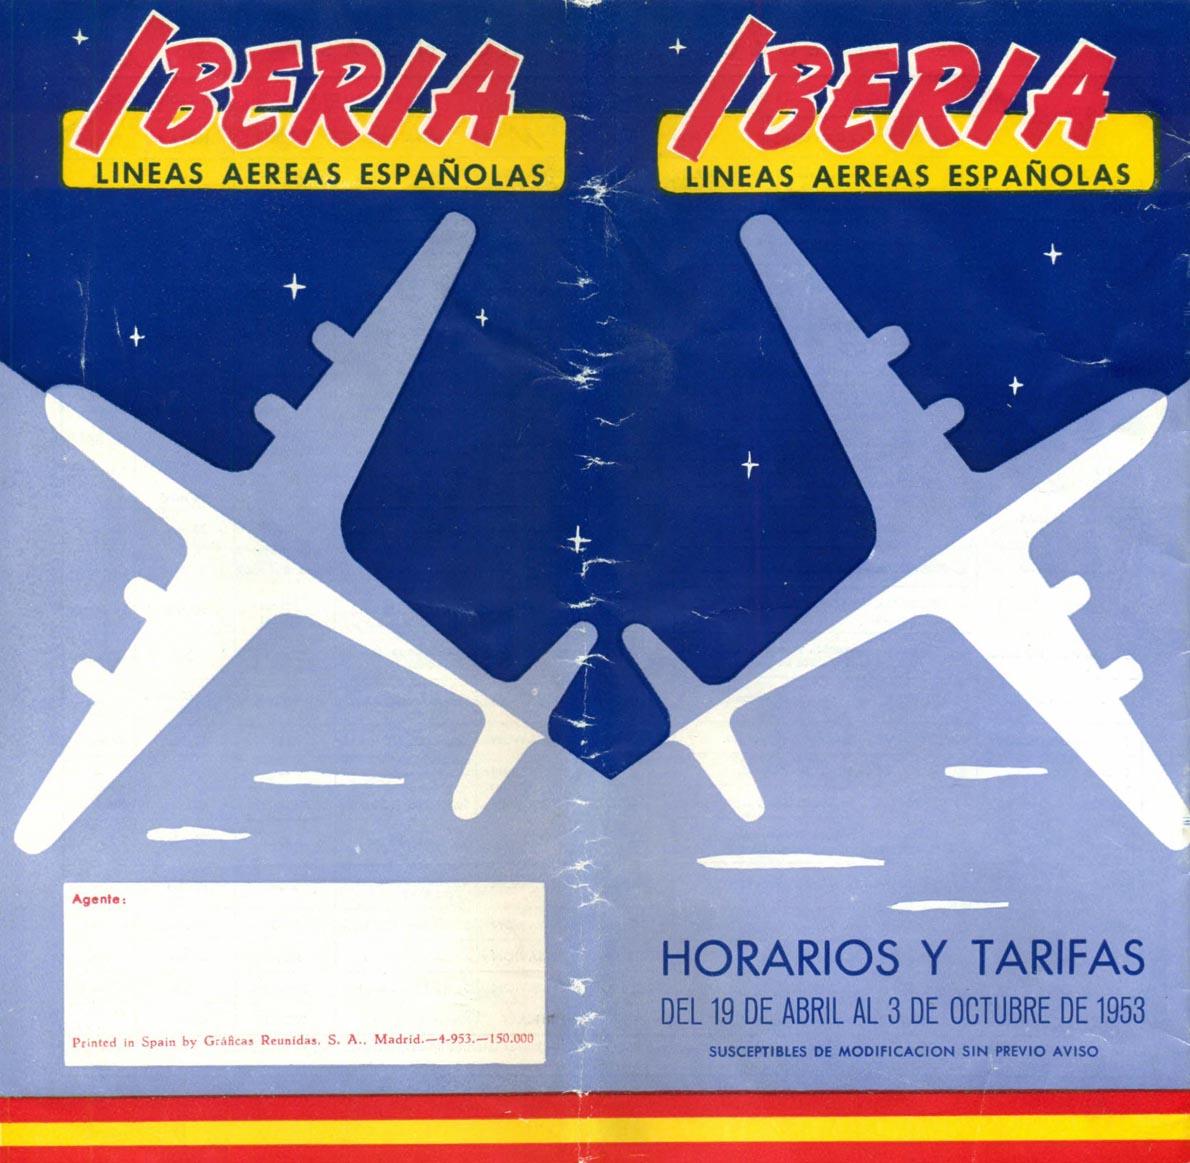 Portada de Tabla de horarios y tarifas de Iberia, de 1953. Colección de Diederik R. Vels Heijn.